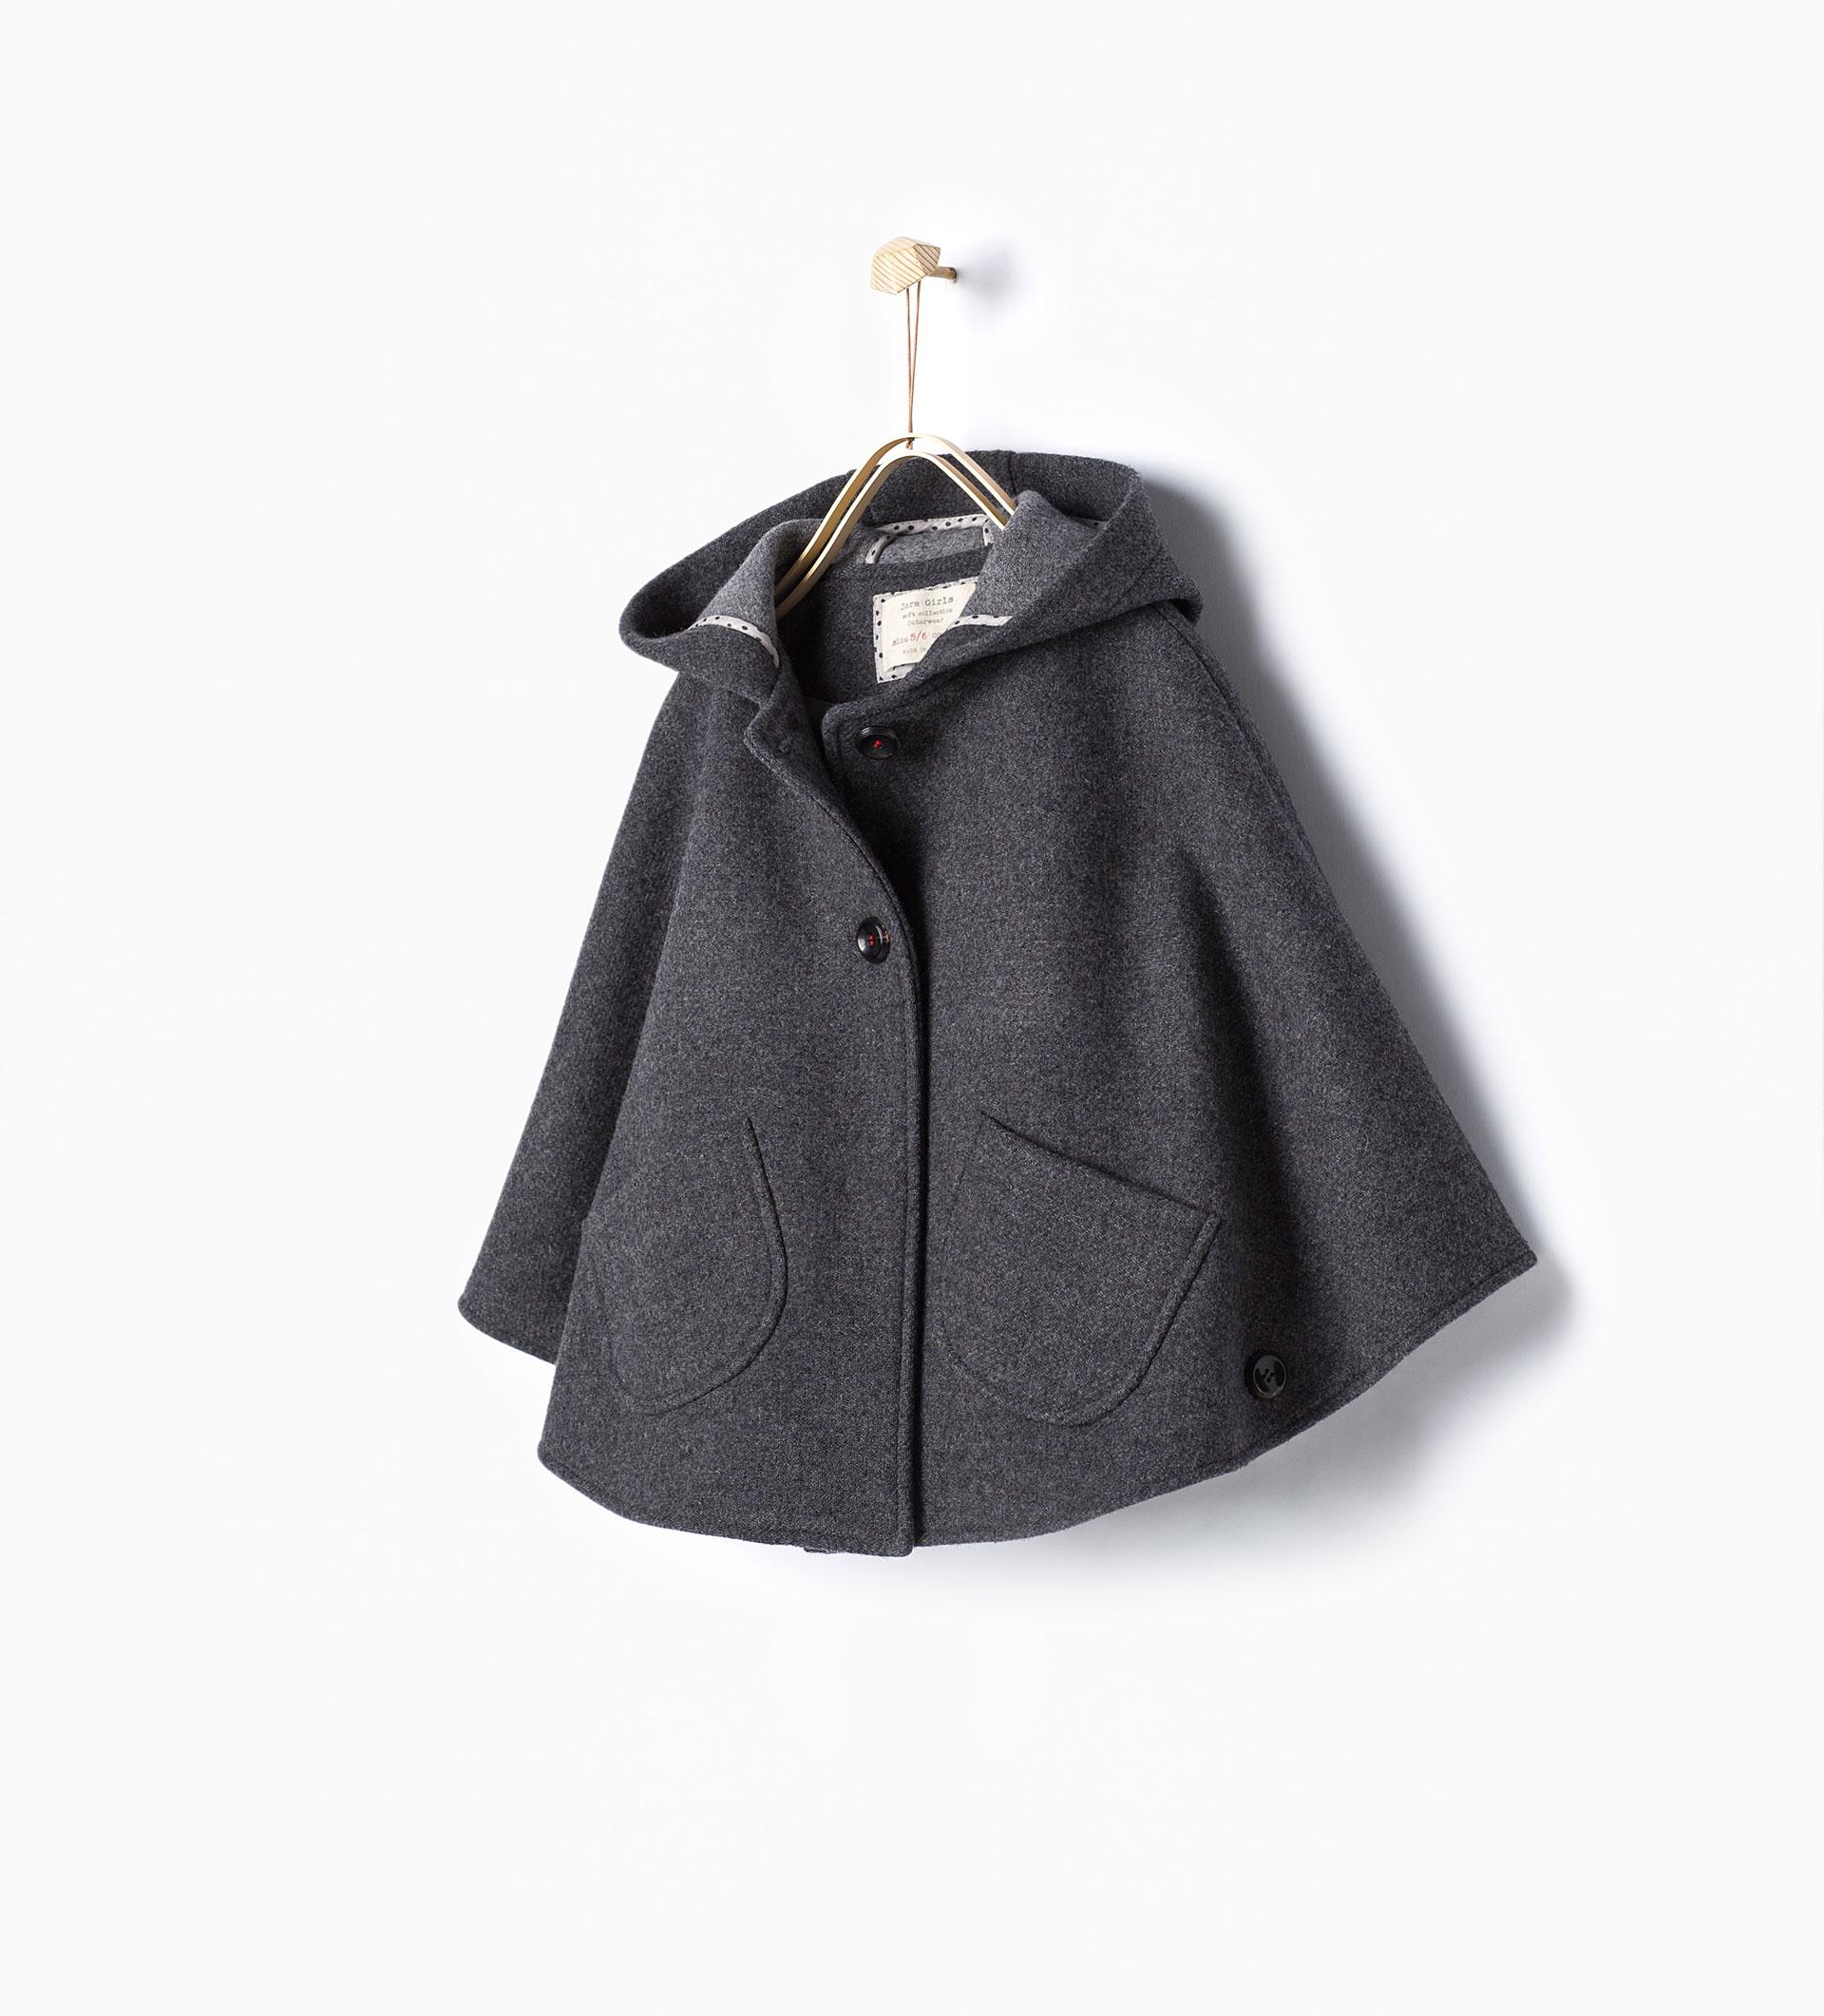 mode minus la veste pour cet hiver blog blog y 39 a quelqu 39 un. Black Bedroom Furniture Sets. Home Design Ideas